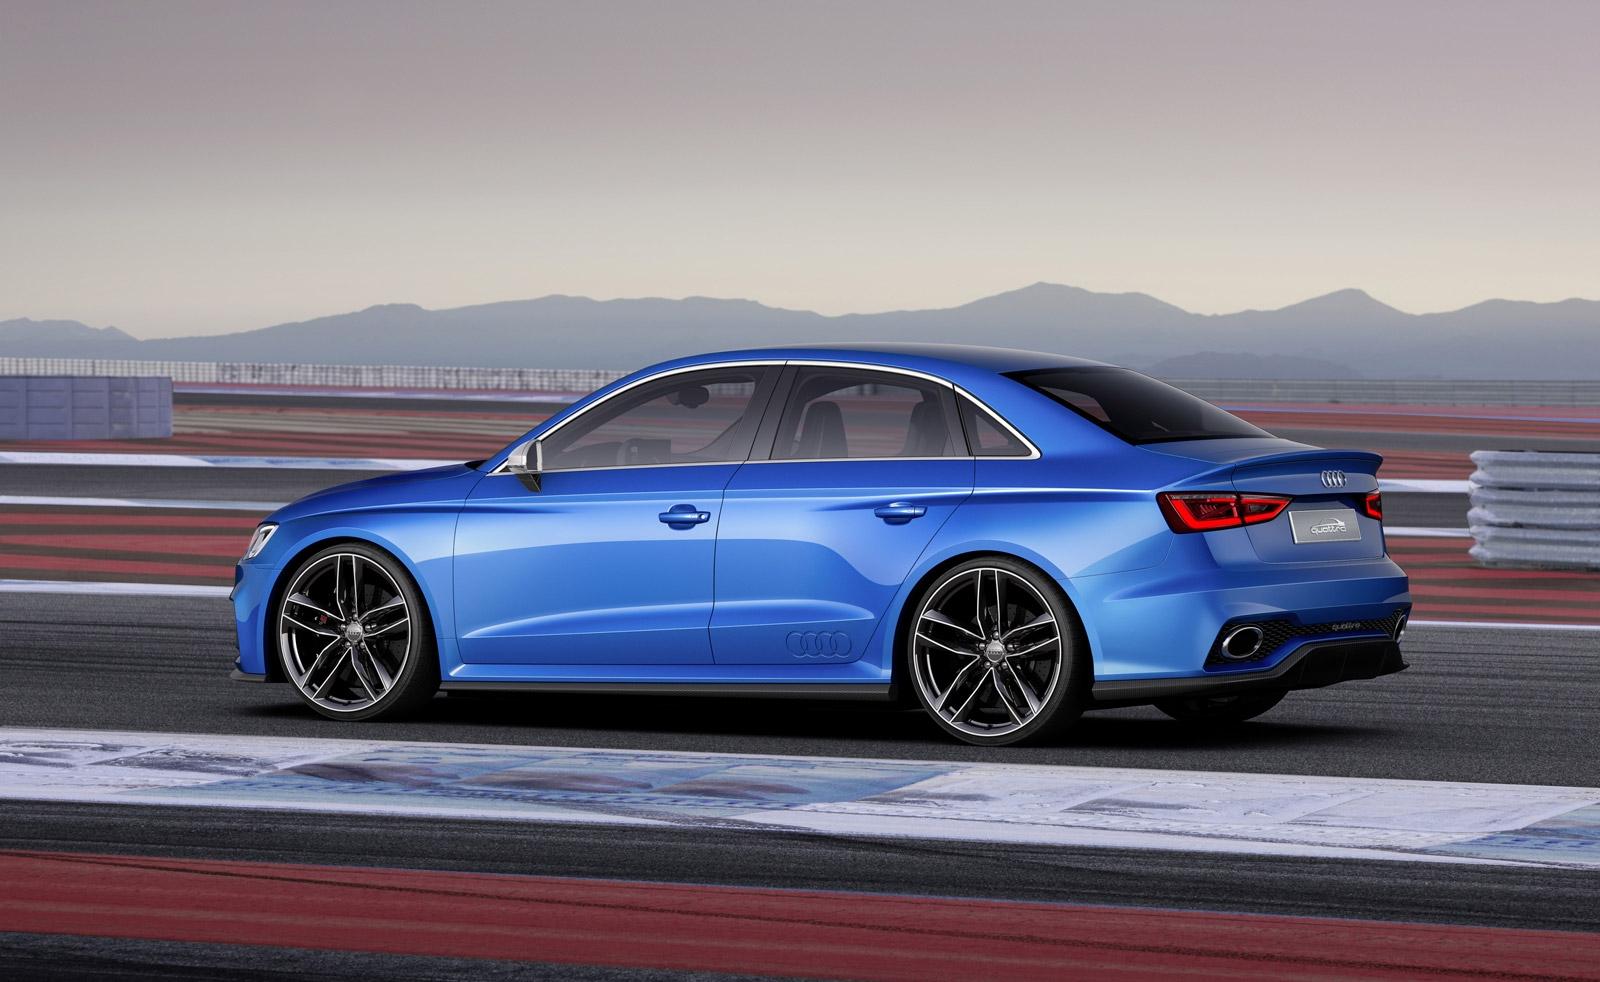 2017 Audi S4 Release Date Suvs Blog